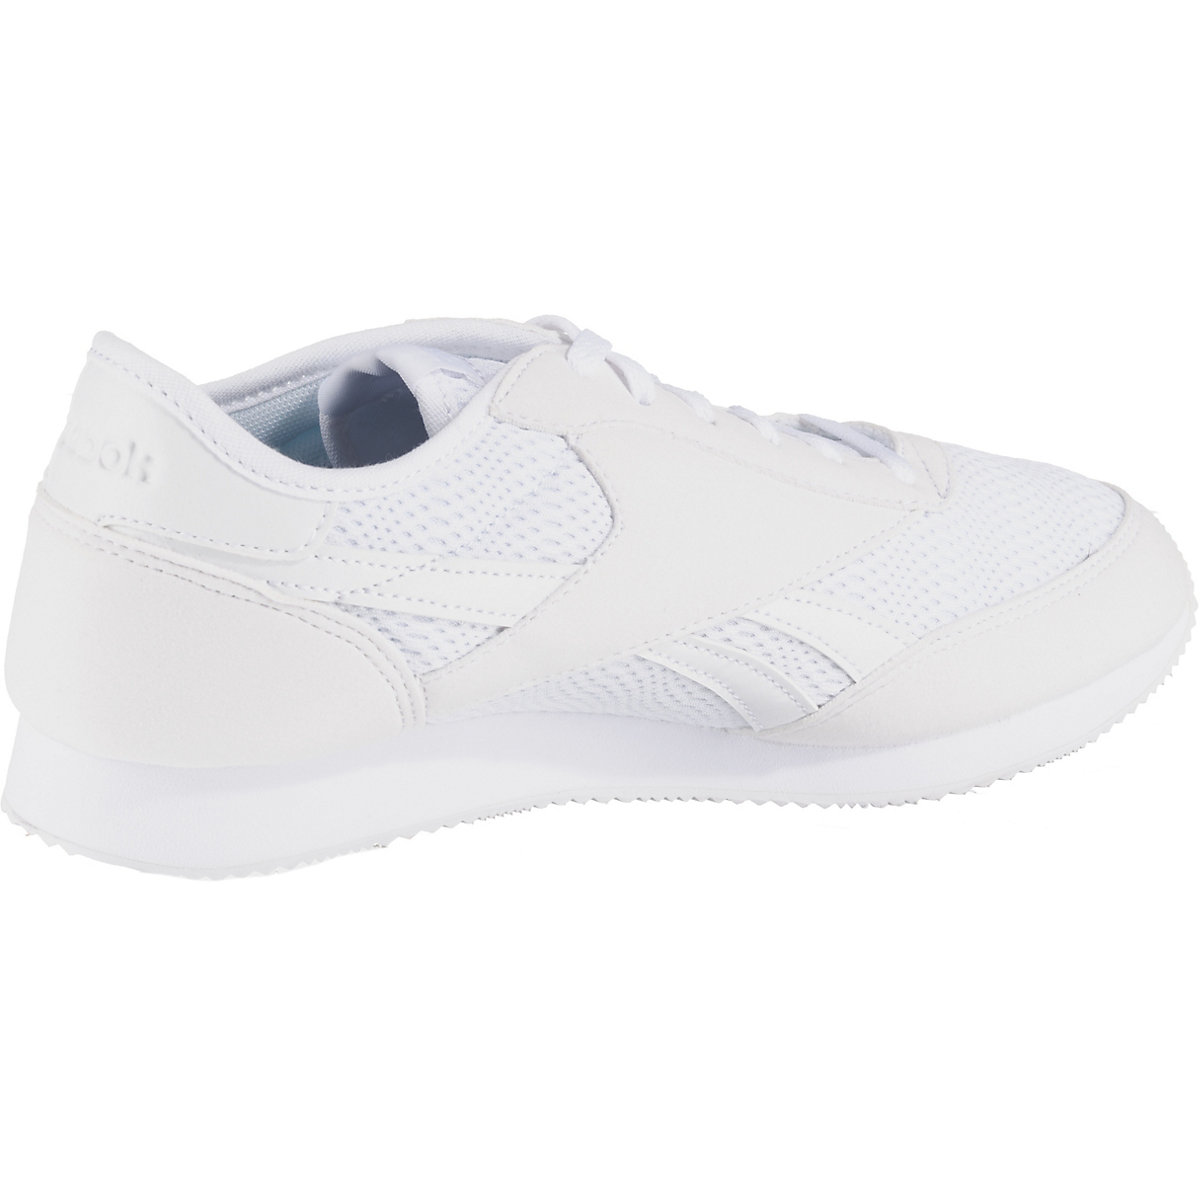 Reebok, Royal Cl Jog Sneakers Low, Weiß